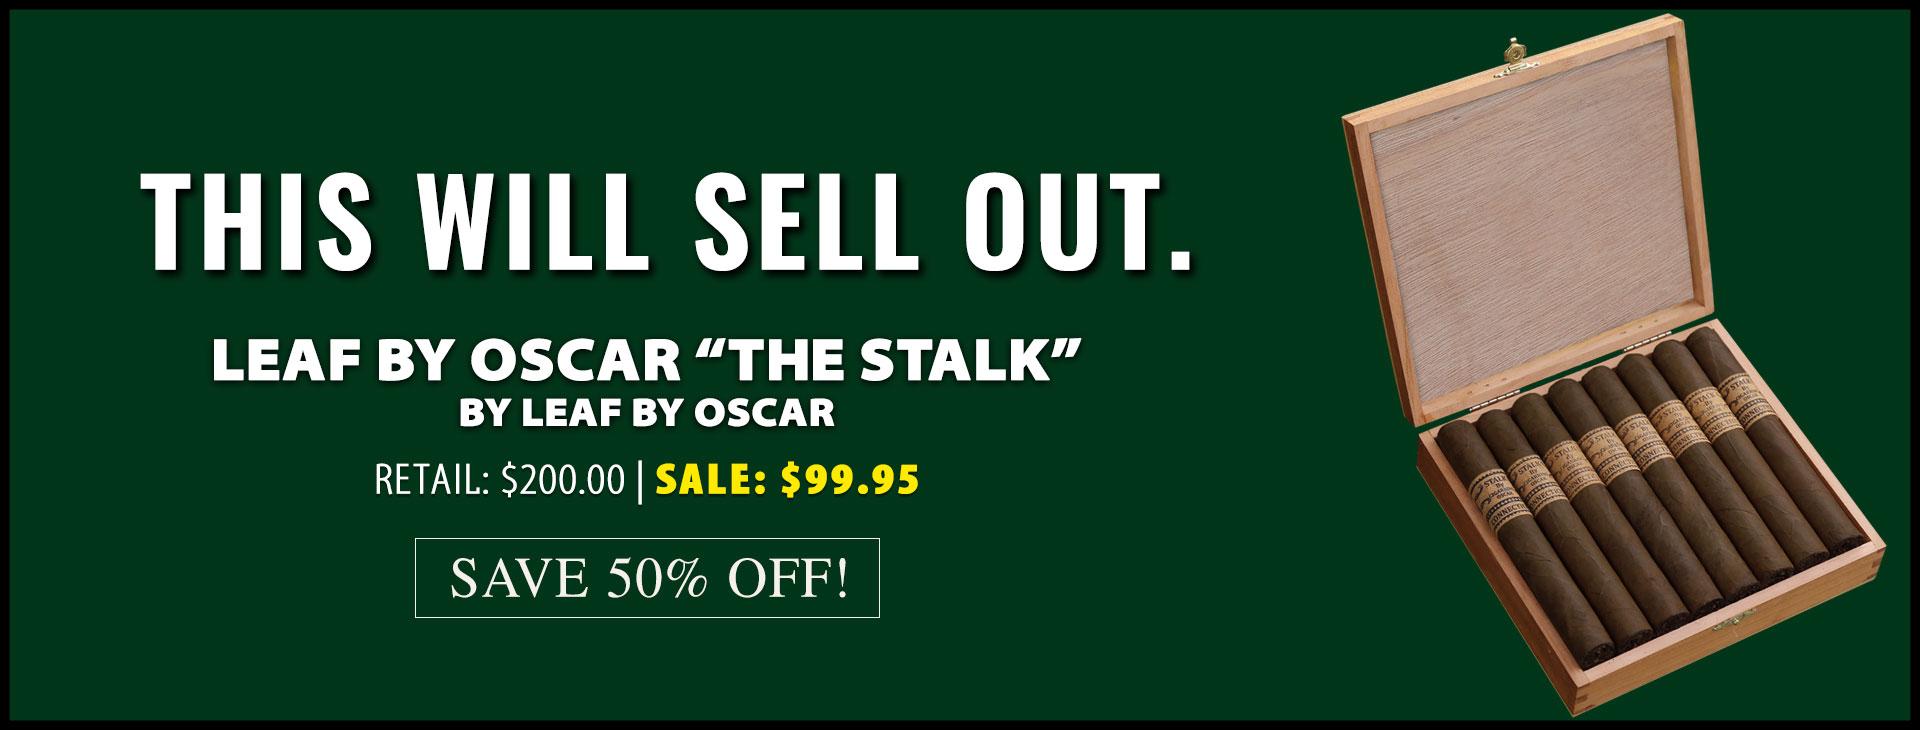 stalk-by-oscar-2021-banner.jpg